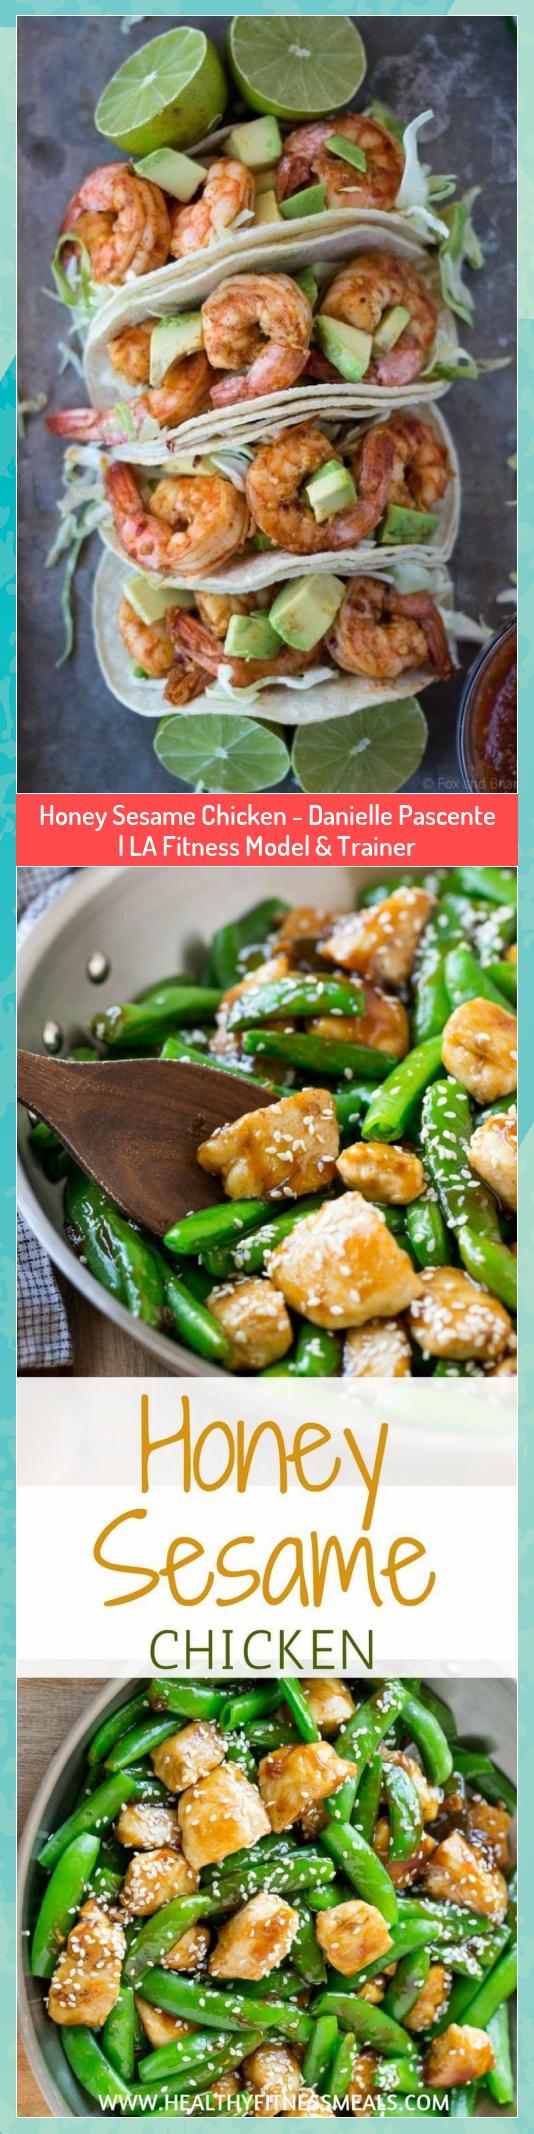 Honey Sesame Chicken - Danielle Pascente | LA Fitness Model & Trainer #Chicken #Danielle #fitness #H...